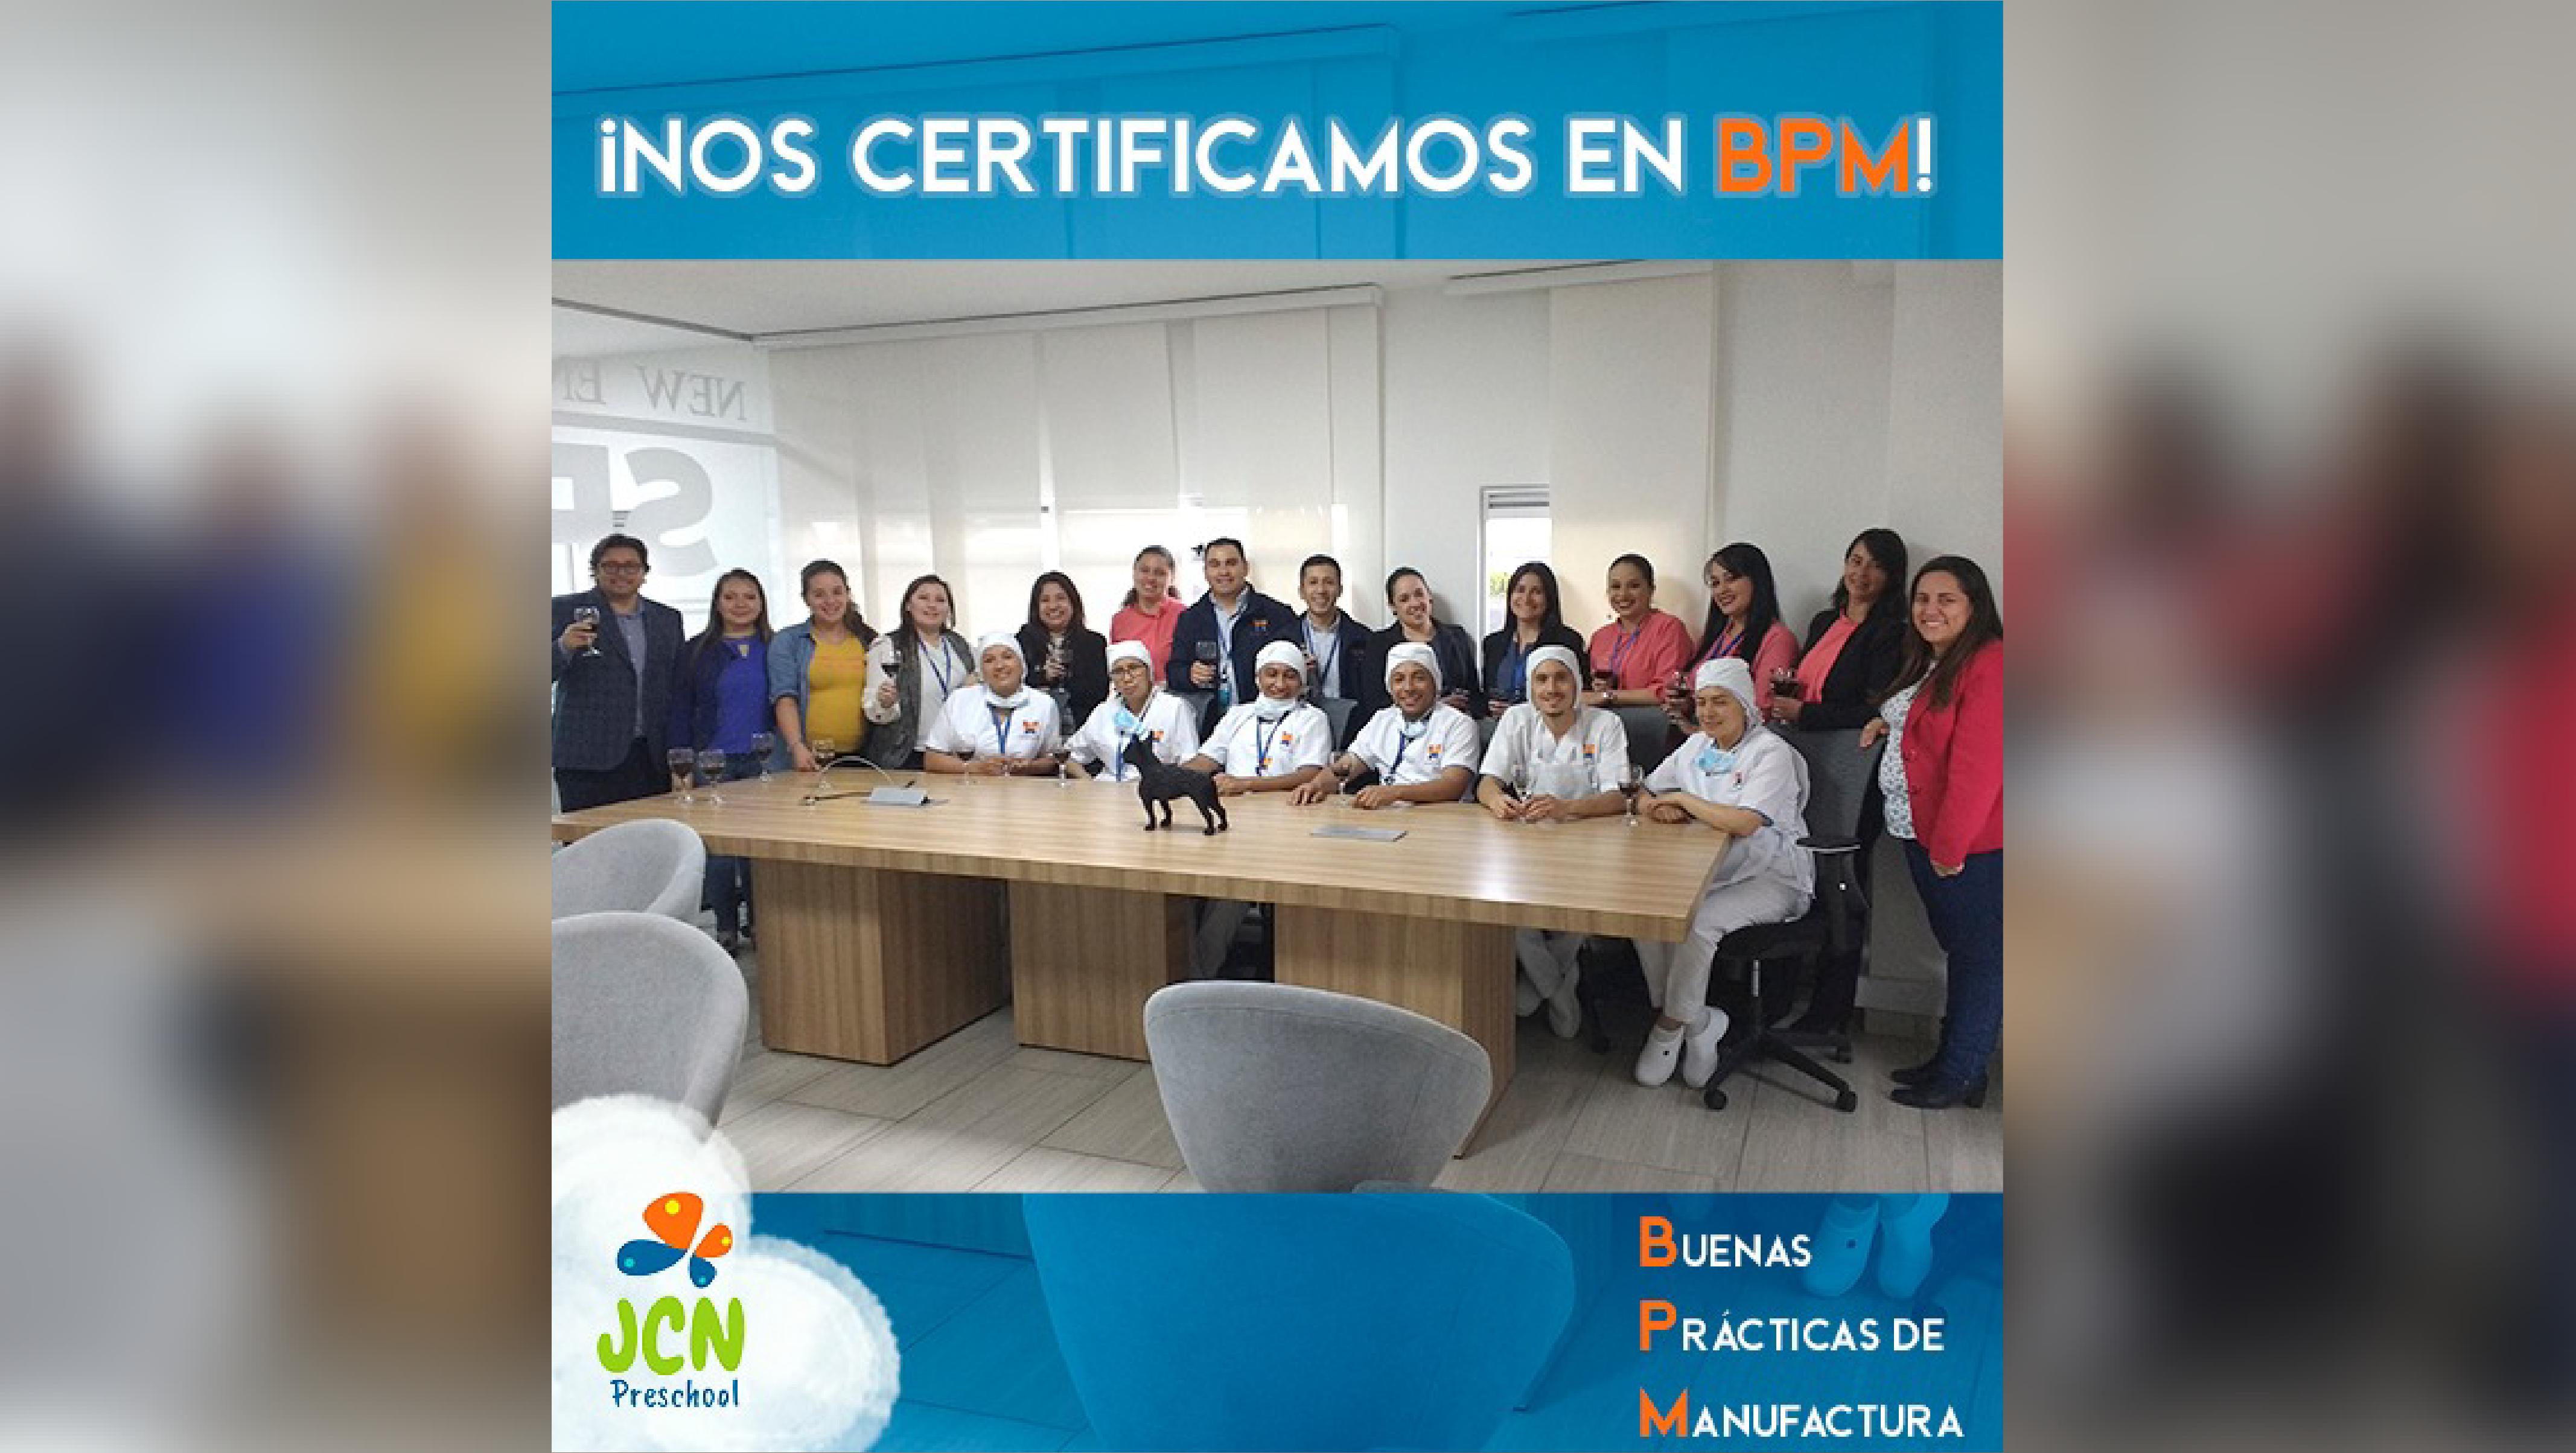 jardin-infantil-campestre-del-norte-bogota-certificacion-bpm-01